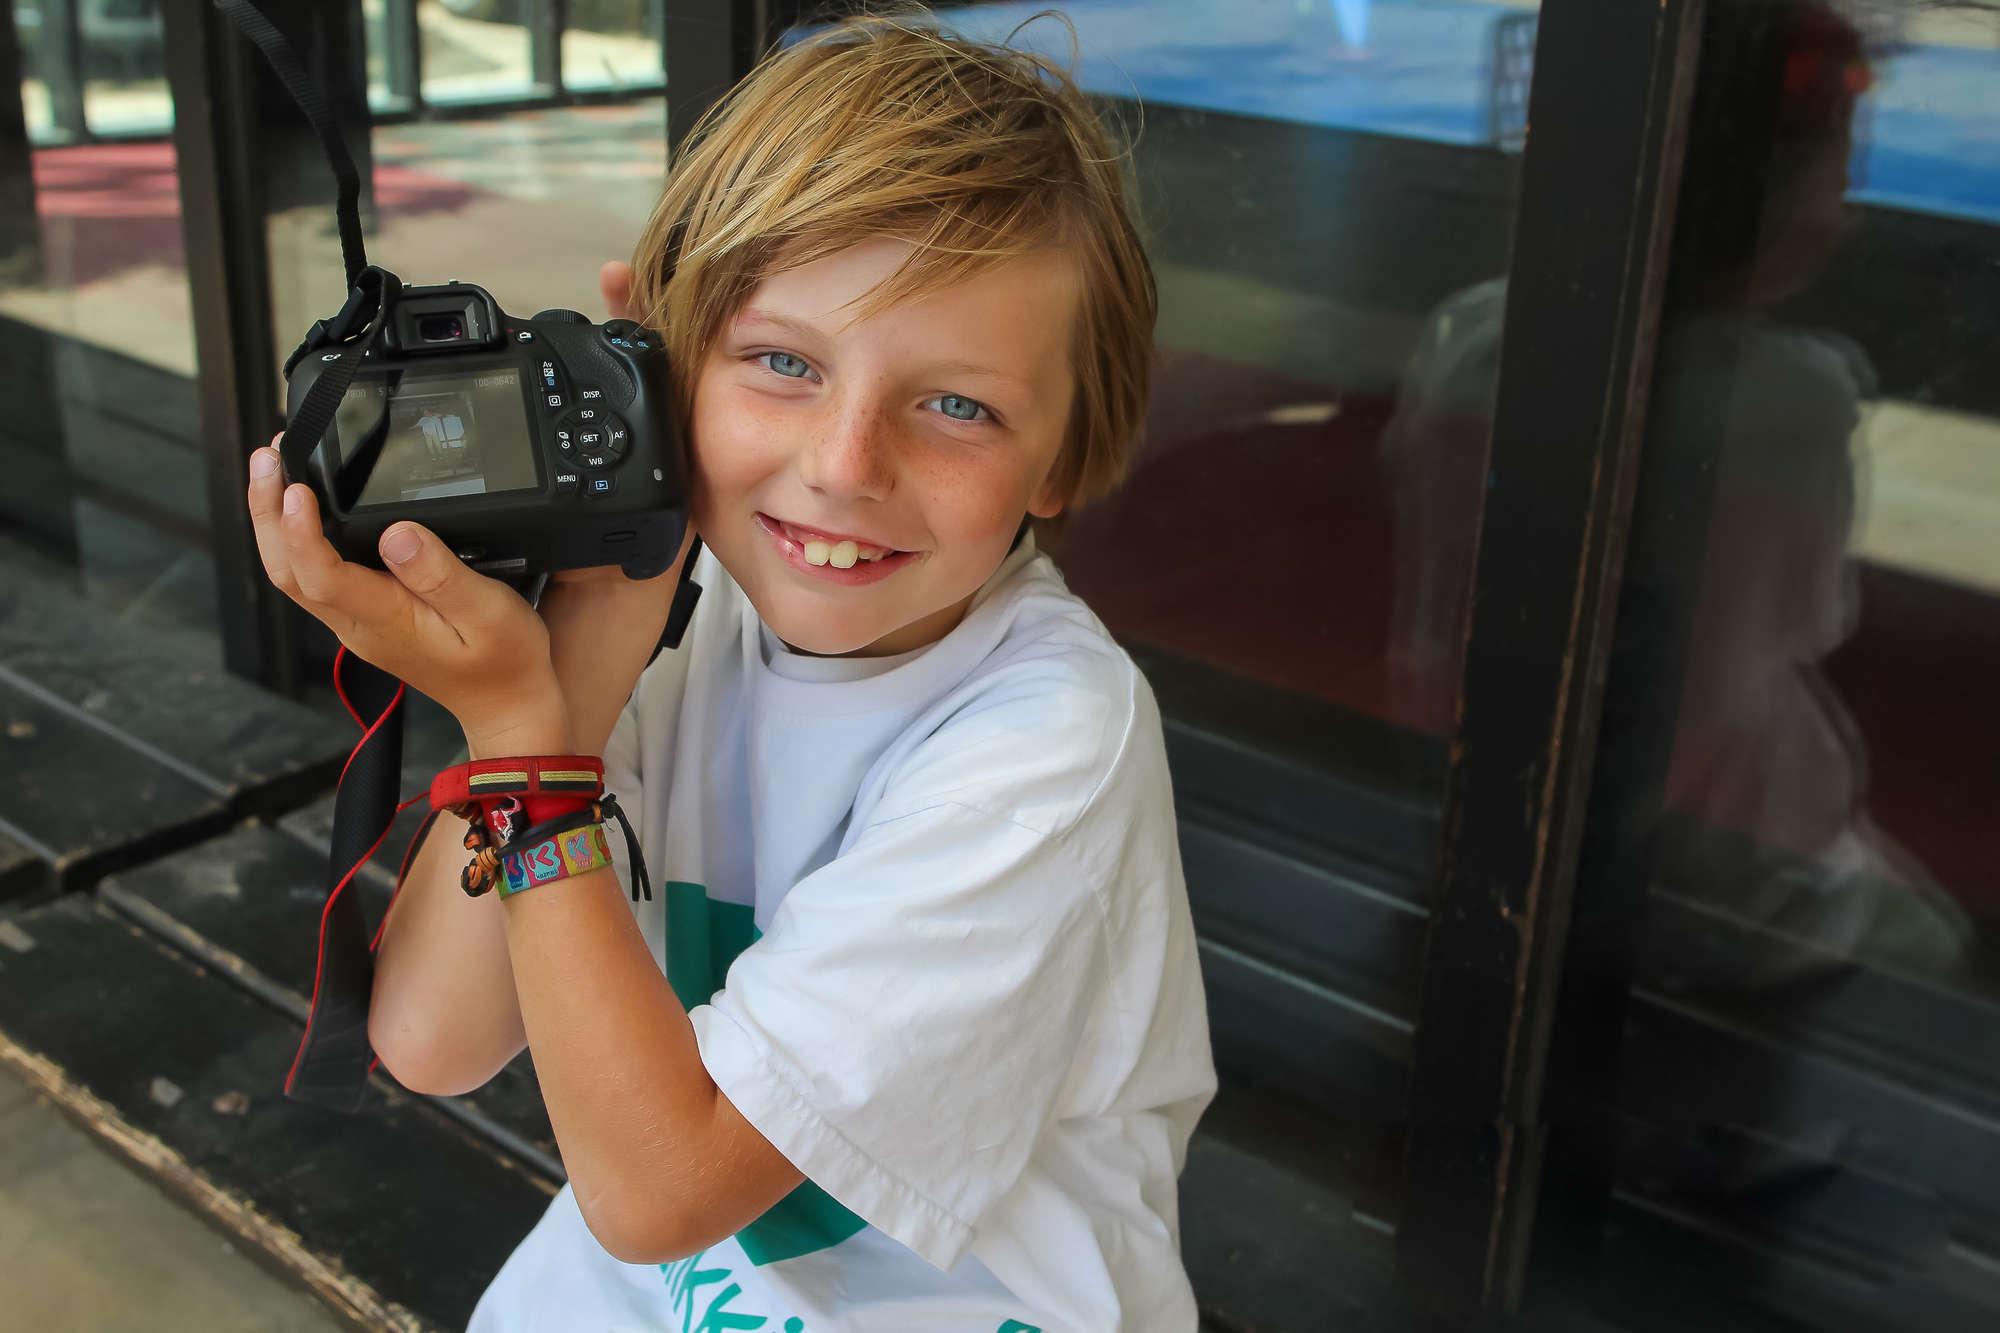 Elk kind oefent met een spiegelreflexcamera.